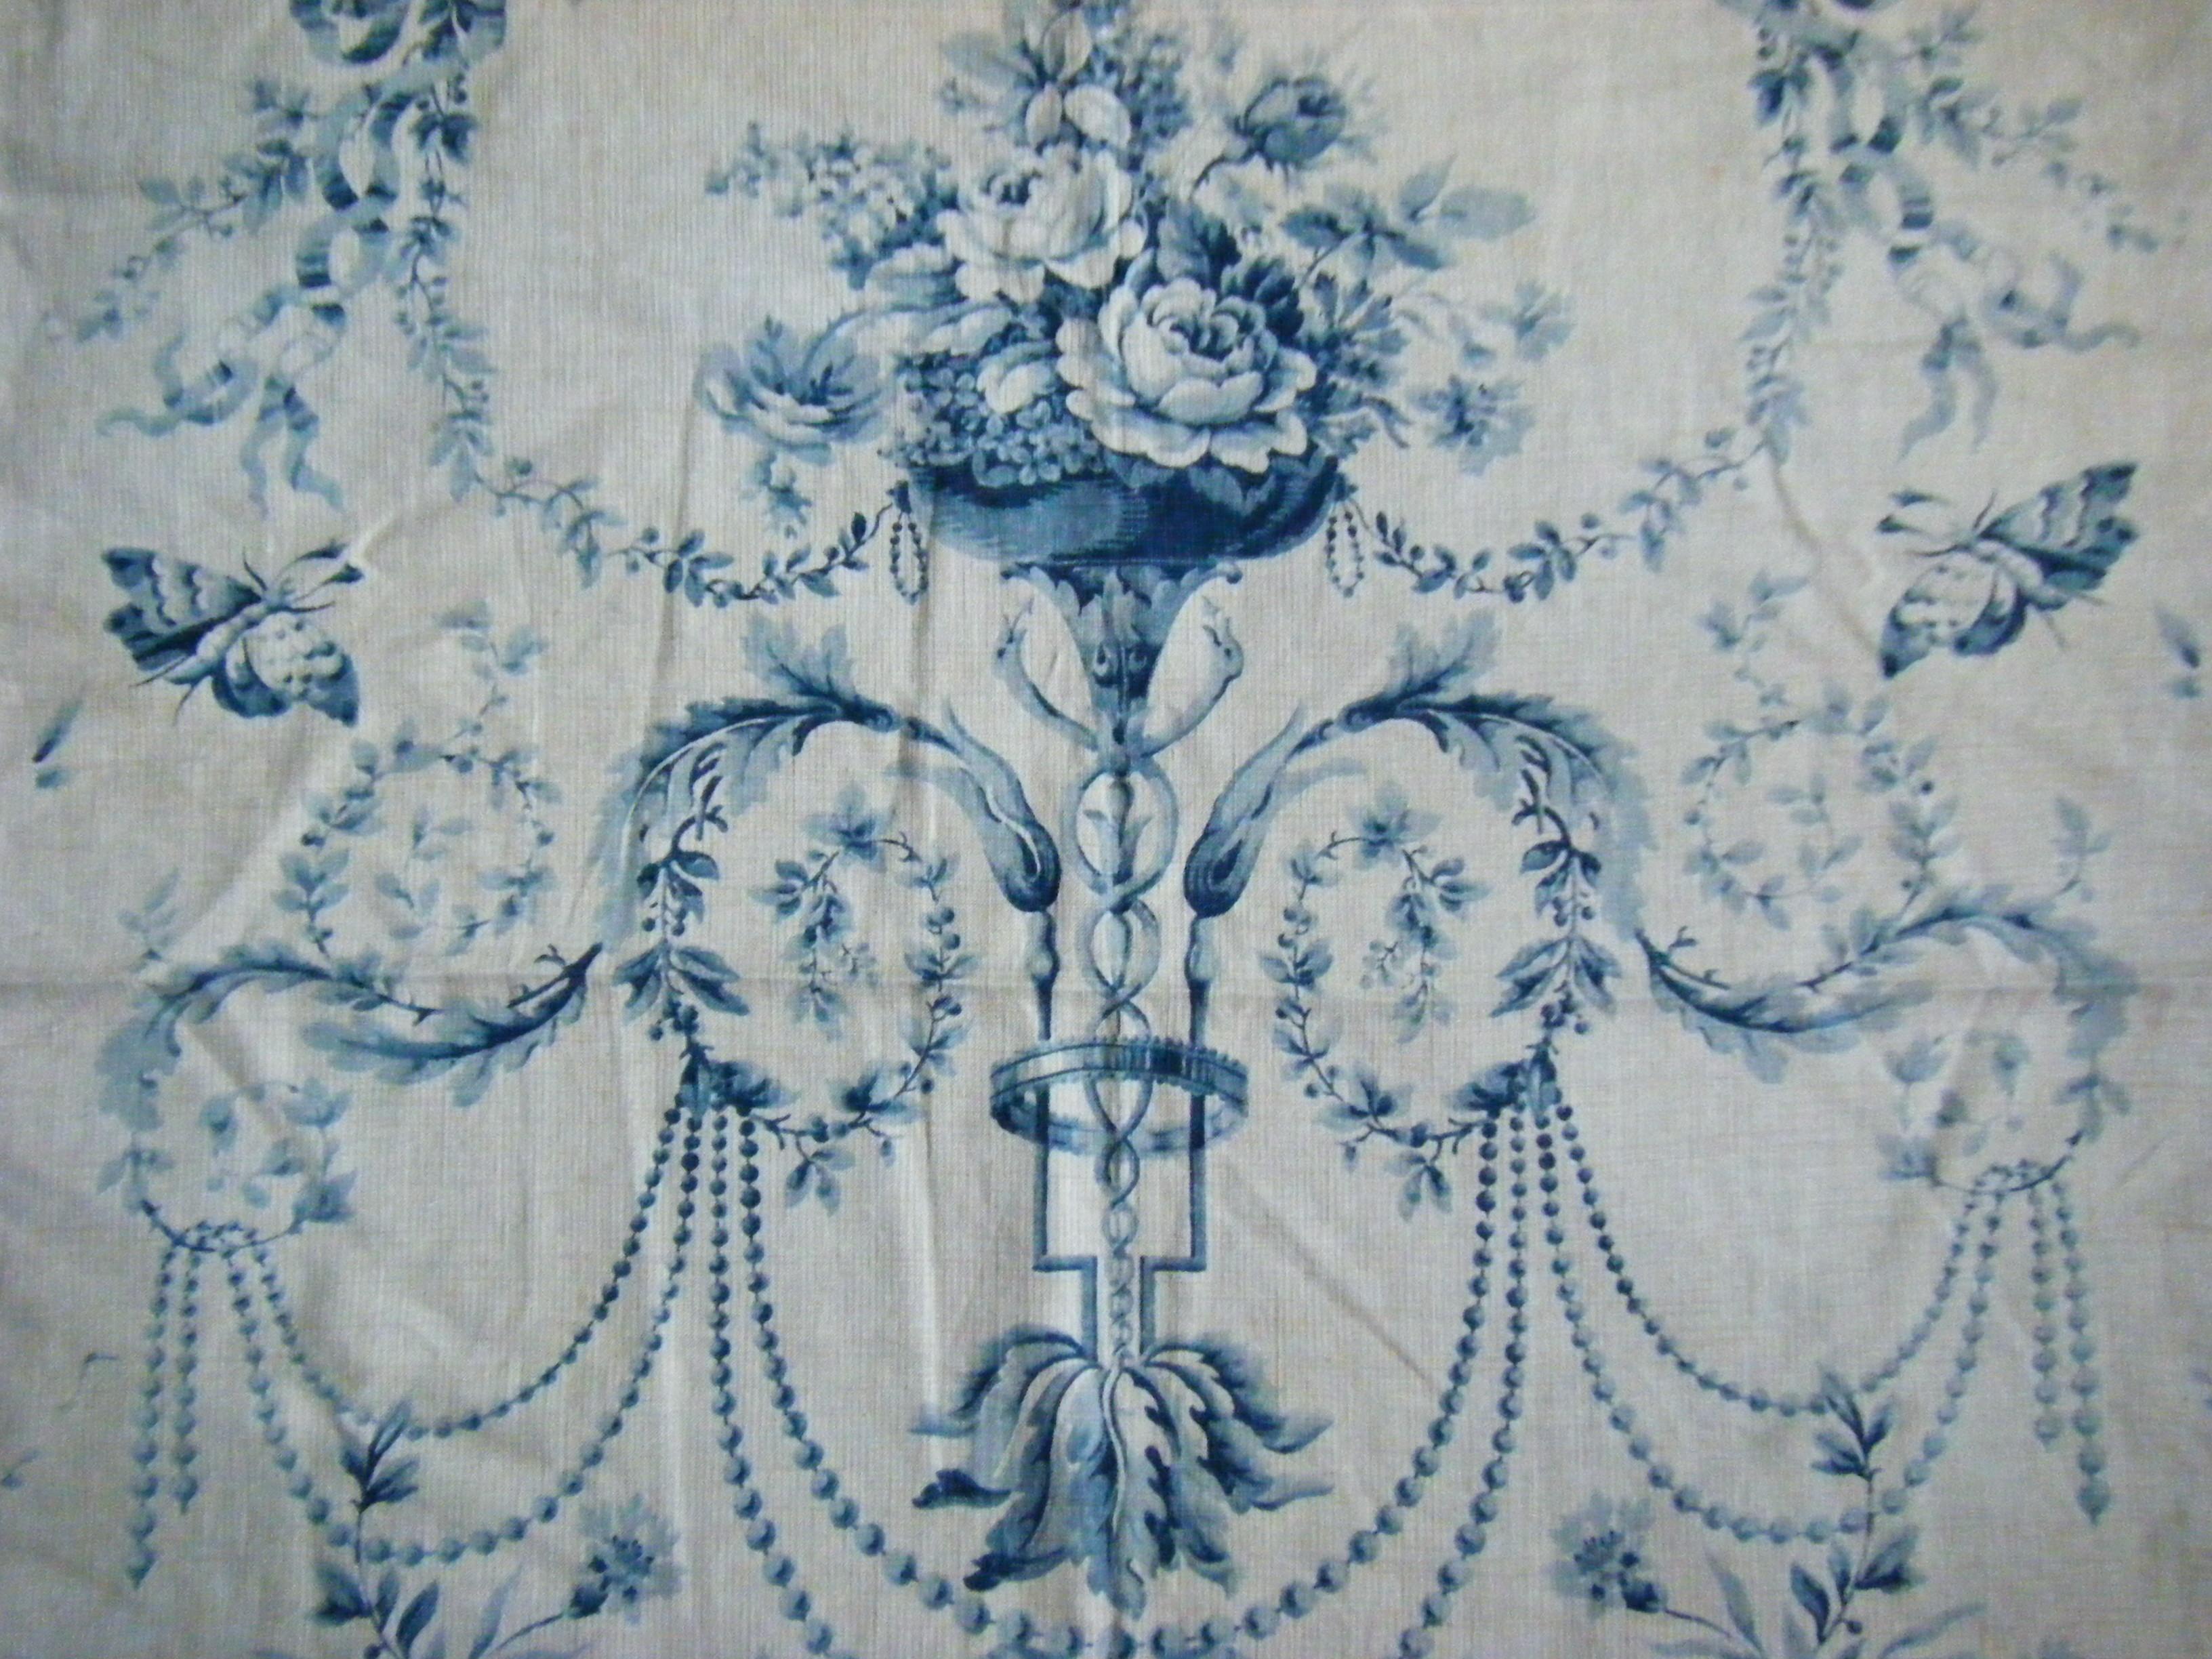 French Wallpaper Designs Wallpapersafari